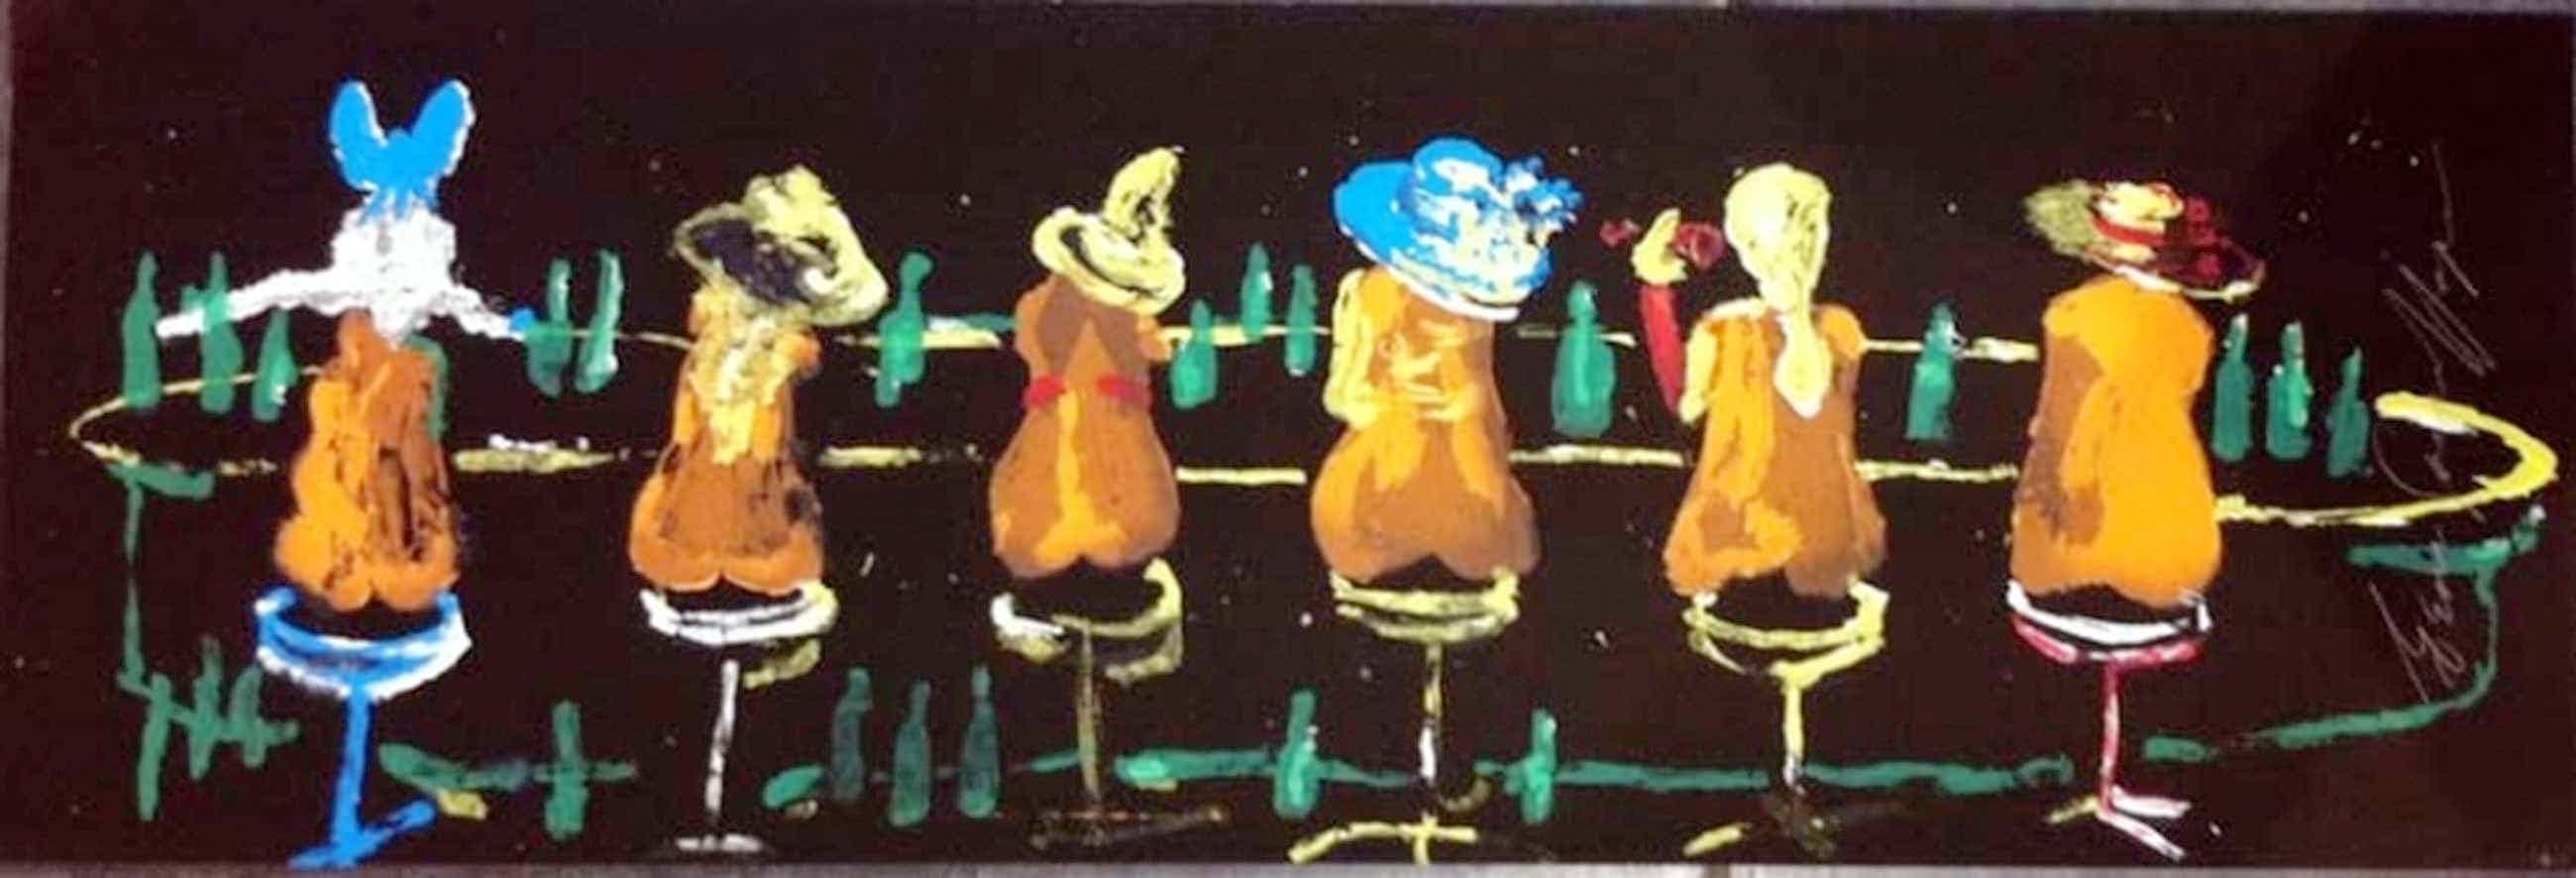 Espen Hagen - Grote hand gesigneerde zeefdruk 'Six ladies at The black bar' kopen? Bied vanaf 40!